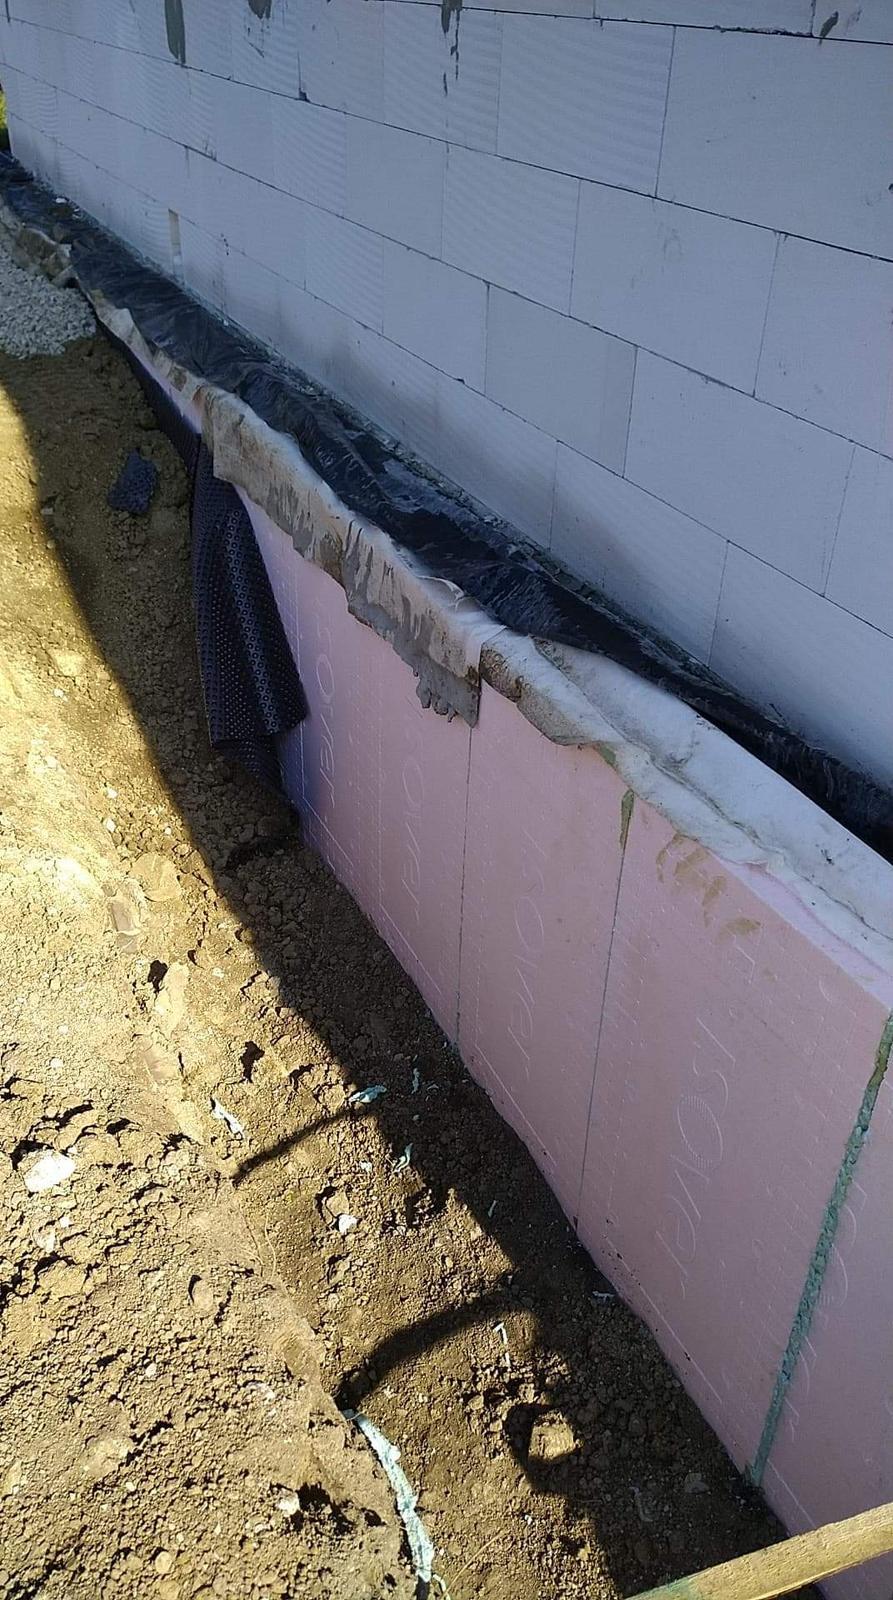 Náš Dom základy na XPS - Pridal som 10cm do hĺbky cca 0,9m, celkovo 23cm zateplené základy